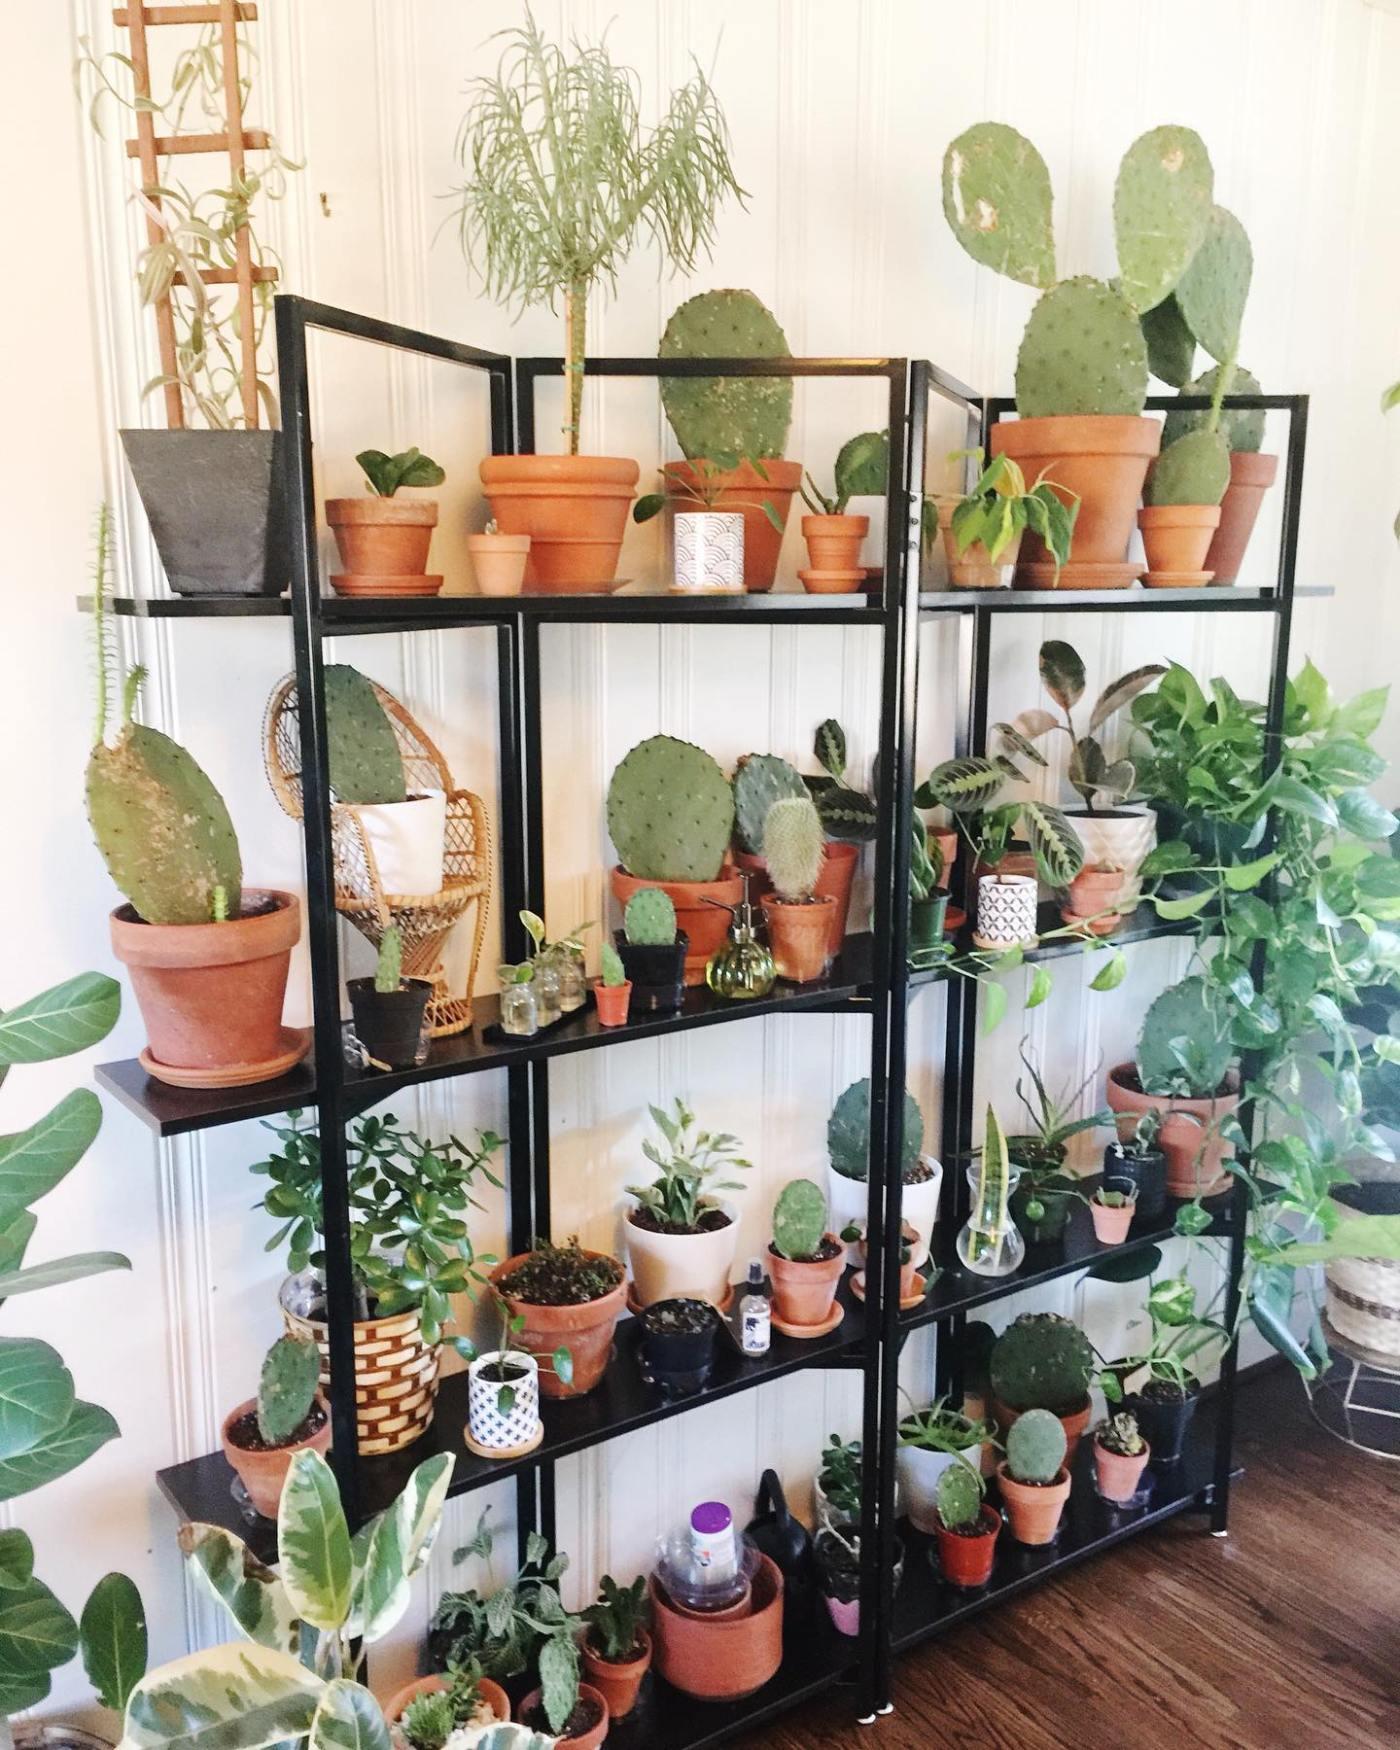 Birmingham, House Plant Collective, plants